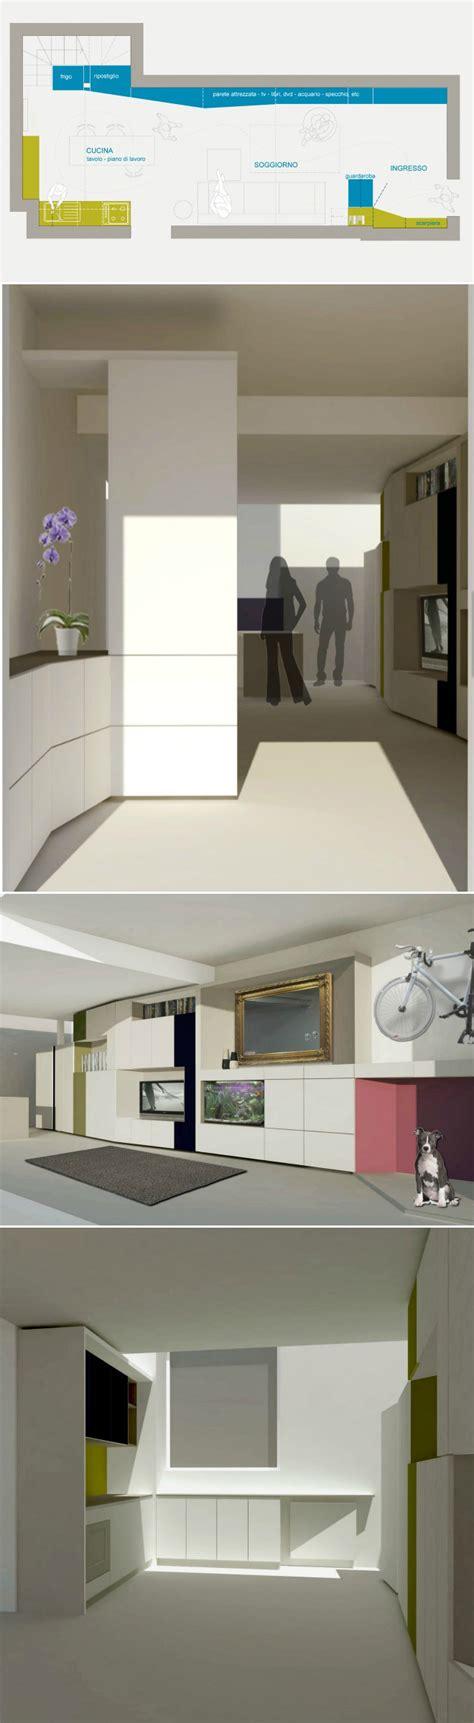 idee arredo cucina soggiorno cucine archives okap 236 mobili su misura